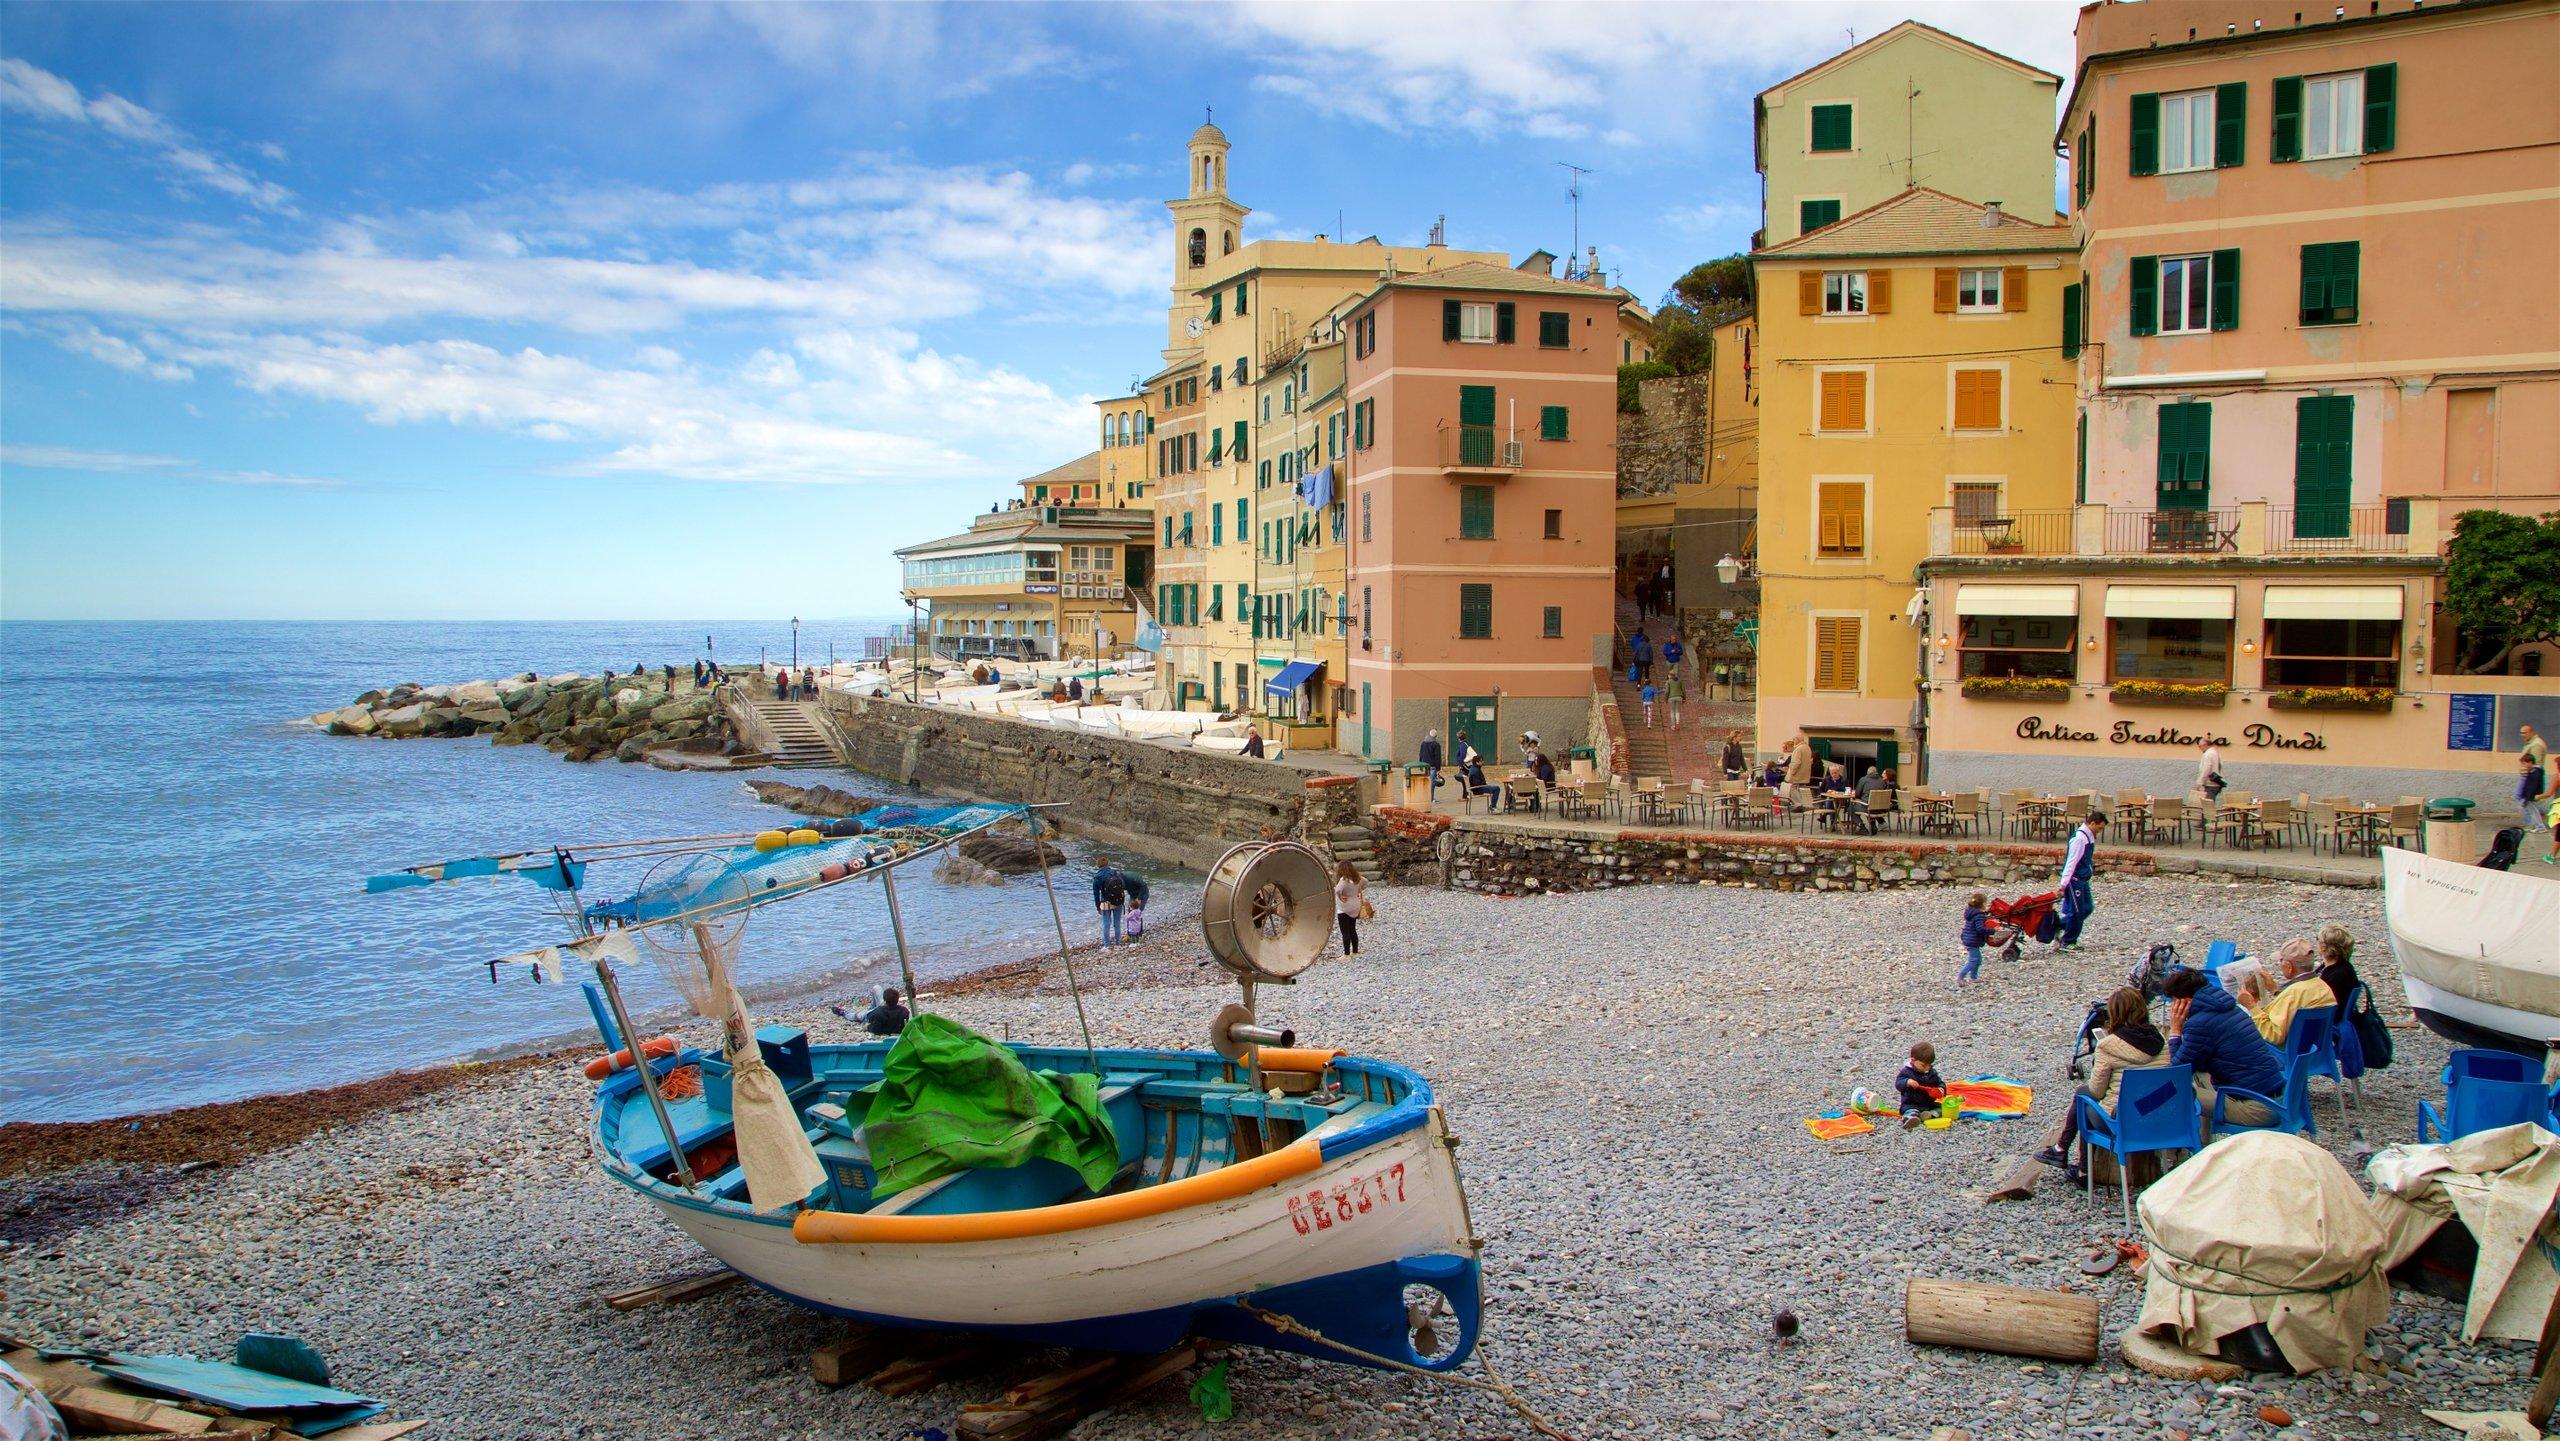 Boccadasse, Genova, Ligurië, Italië